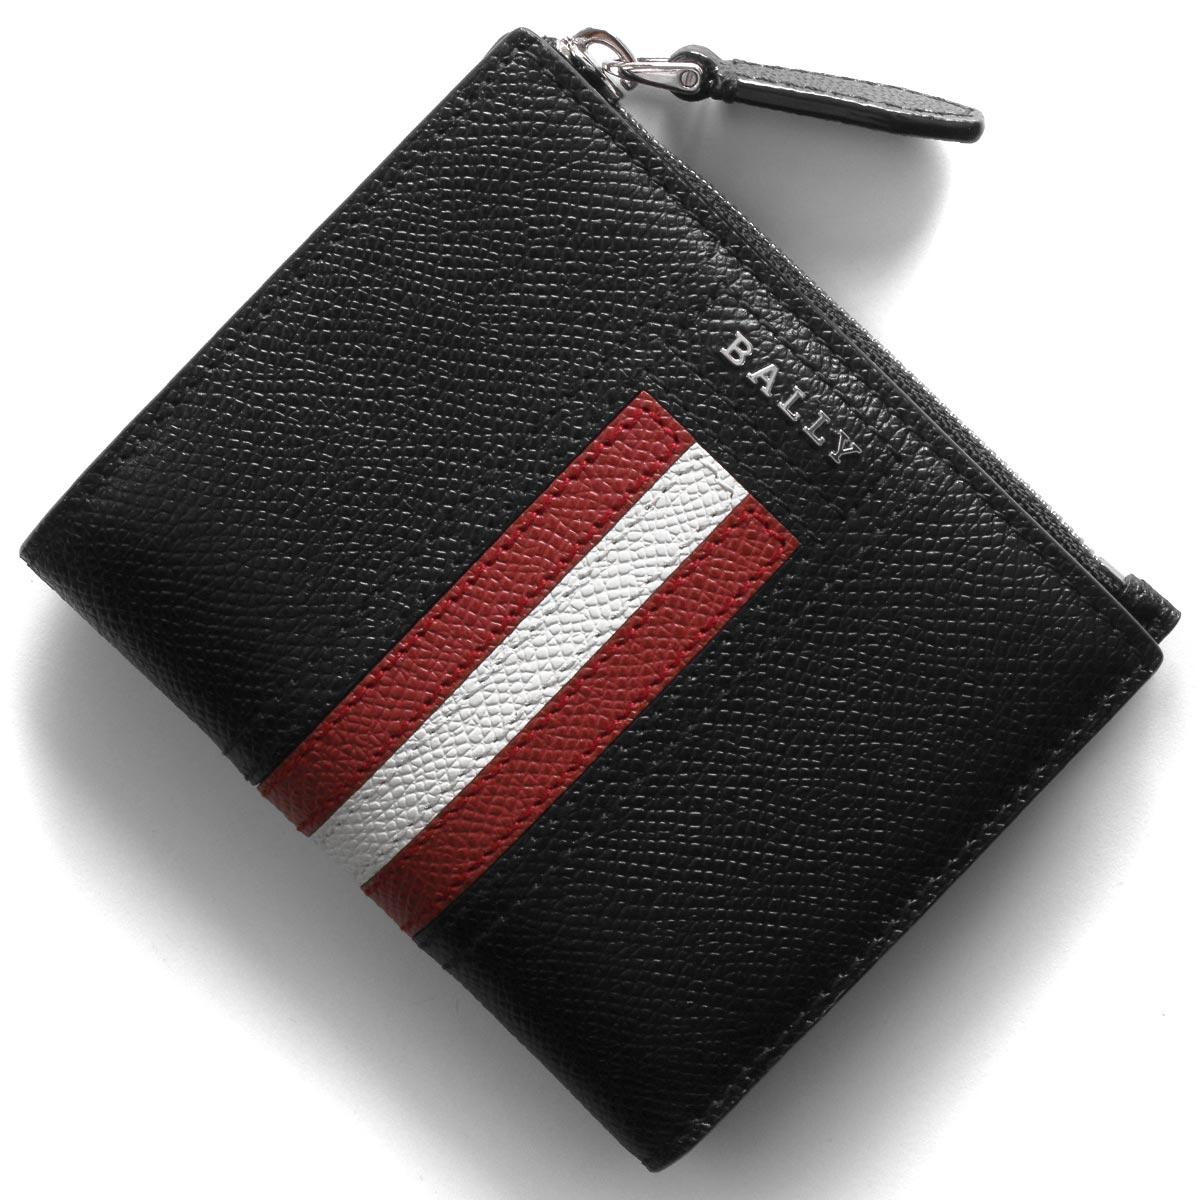 バリー 二つ折り財布 財布 メンズ レディース トゥナー ブラック TUNNER LT 10 6229036 2019年秋冬新作 BALLY